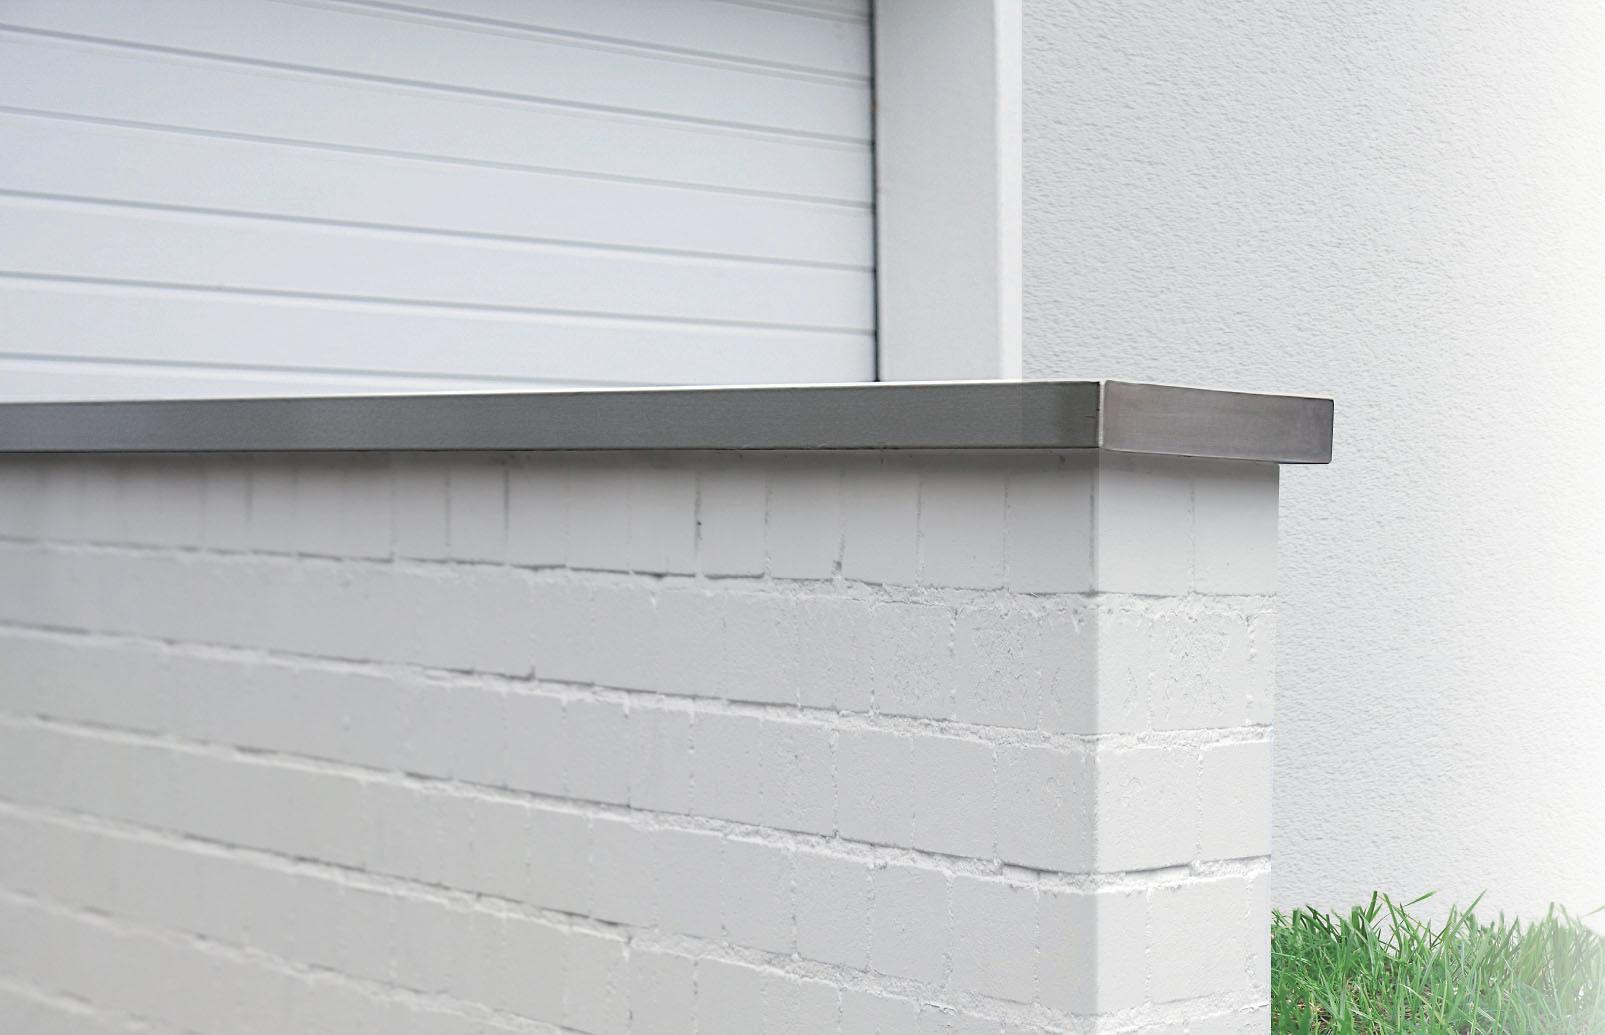 außenfarbe weiß mauer garage balkon streichen: alpina mauerfarbe